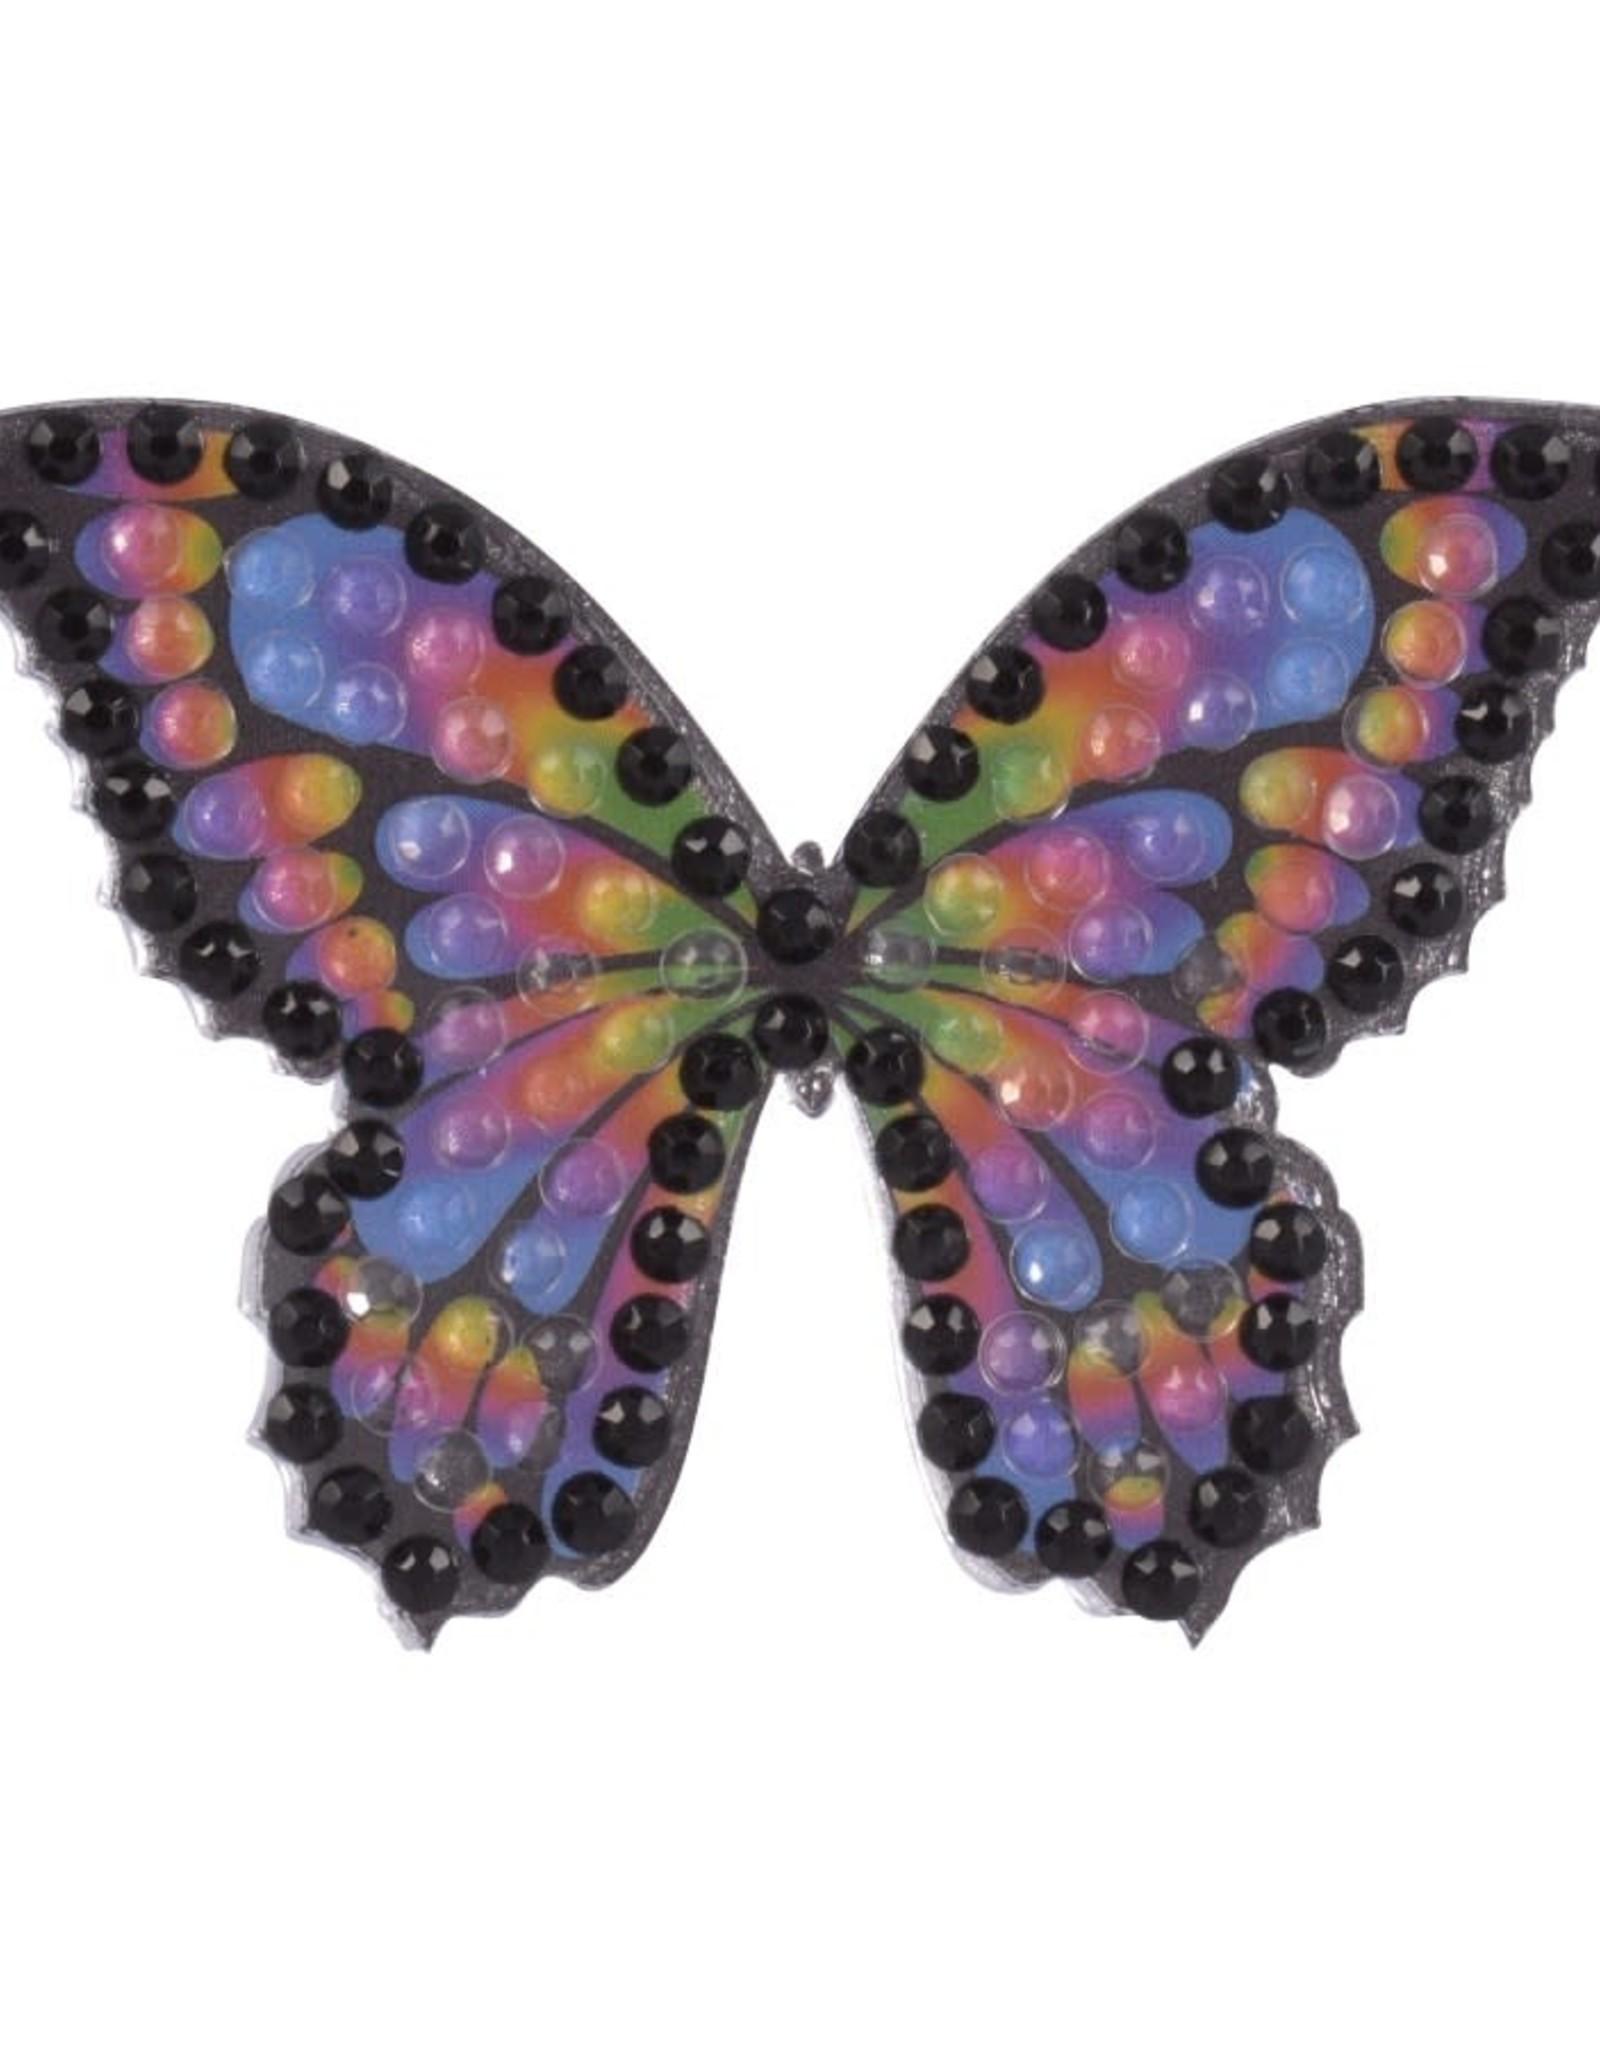 Sticker Beans Sticker Bean Rainbow Butterfly